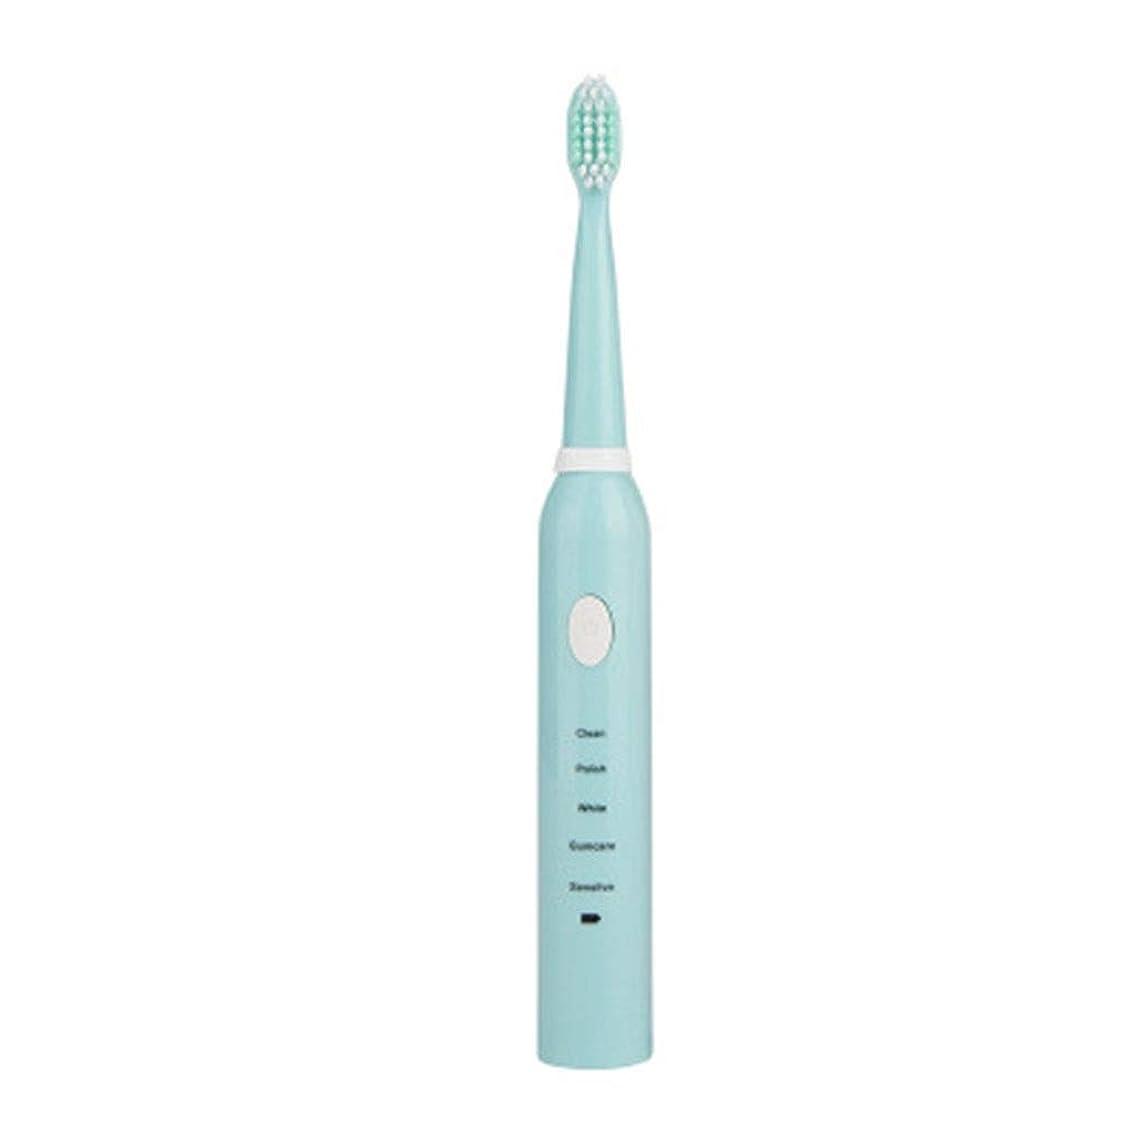 ボルト雪だるまいつ口頭クリーニングの歯ブラシ、歯を白くする大人の音波の振動